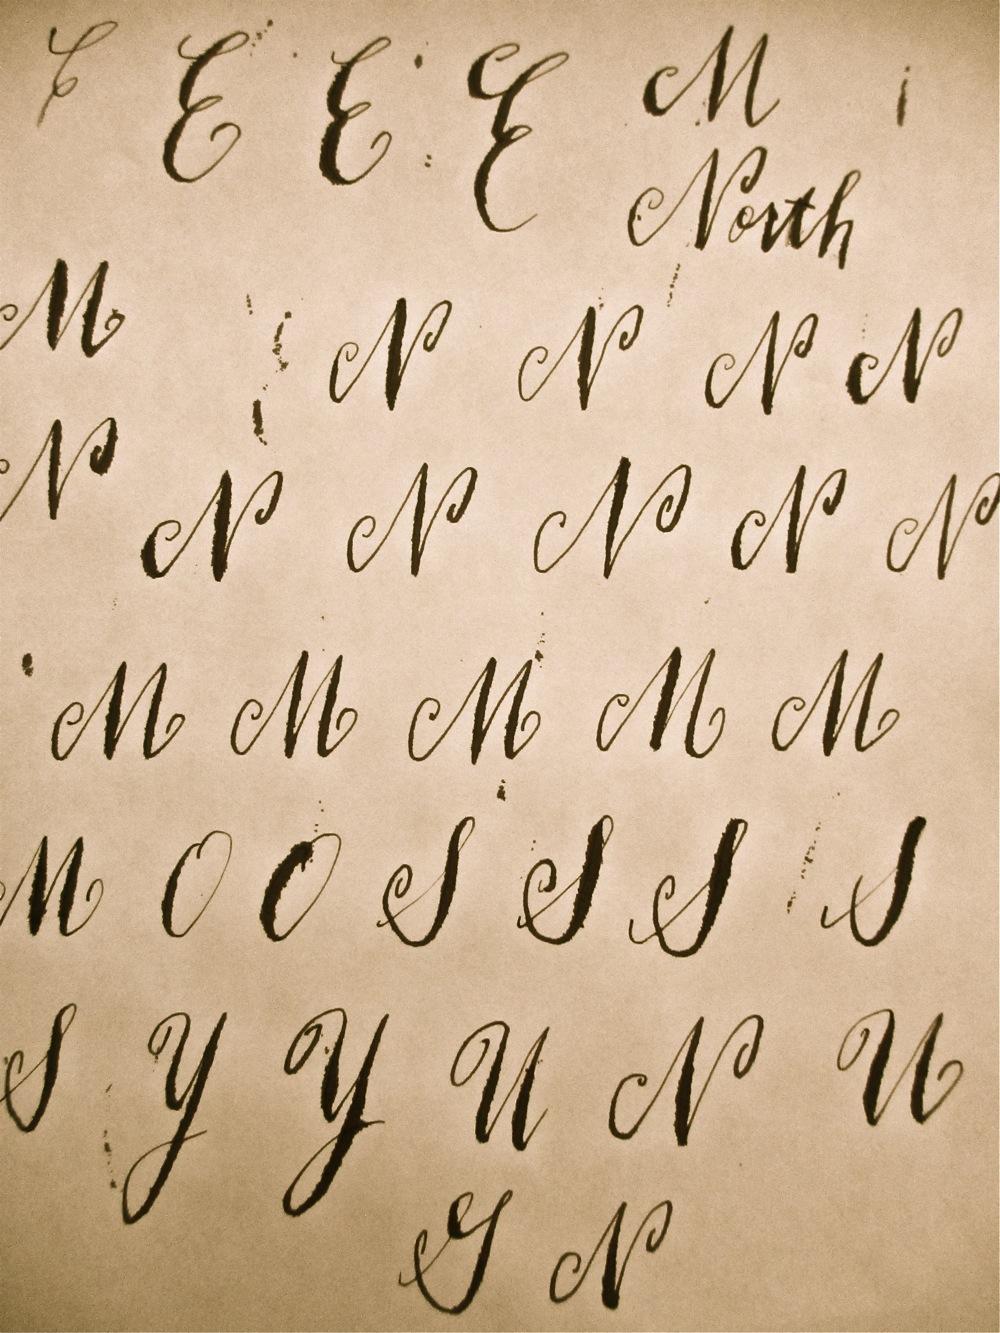 Beautiful Writing Alphabet The Image